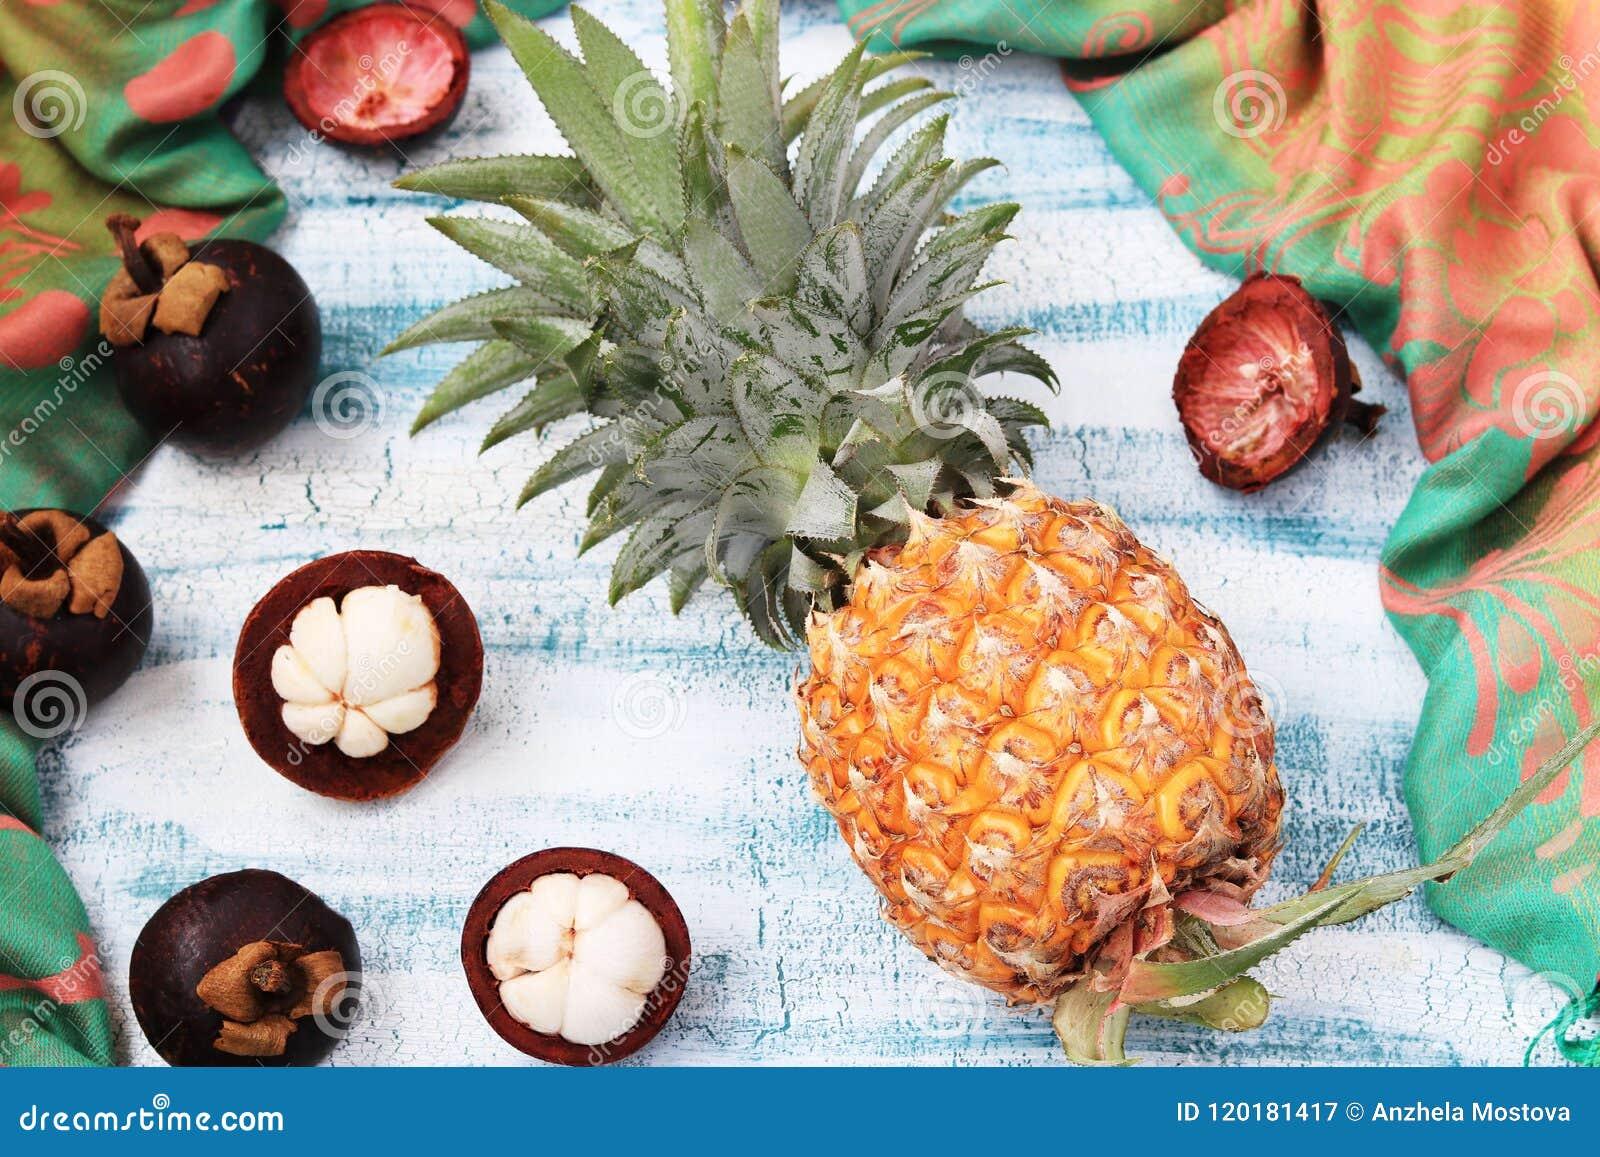 Ananas und Mangostanfrucht auf einem blauen Hintergrund, Draufsicht